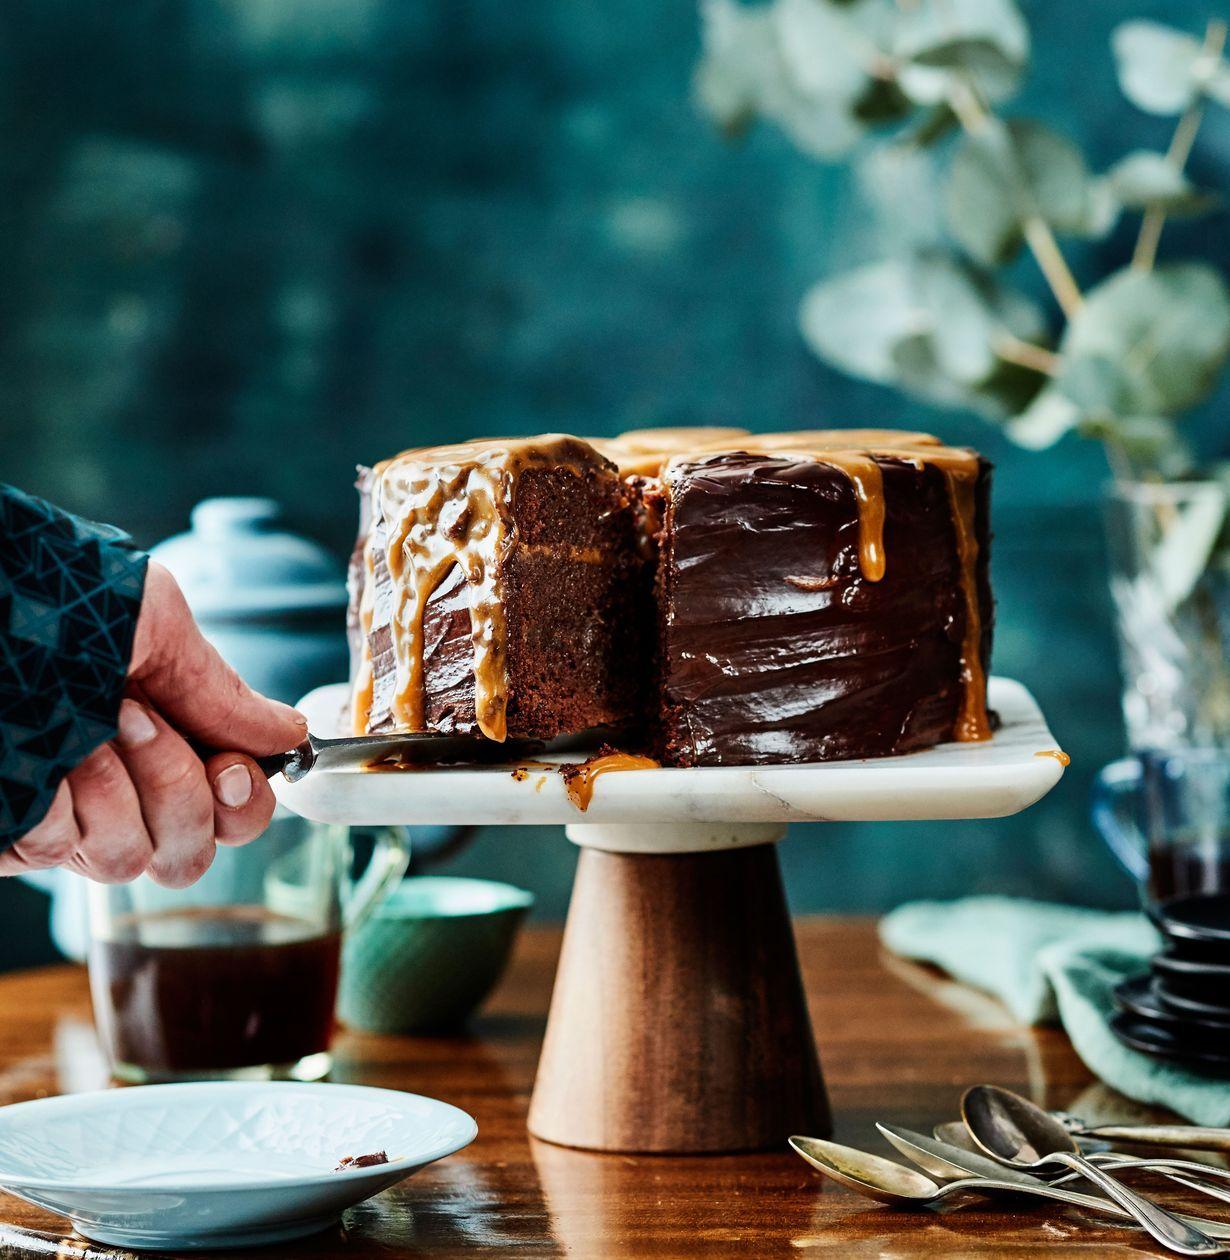 Vau, mikä kakku! Tämä herkku yhdistää suklaan ja kinuskin ystävät ja on klassikko jo syntyessään. Voit valmistaa kakun jo edellisenä päivänä...